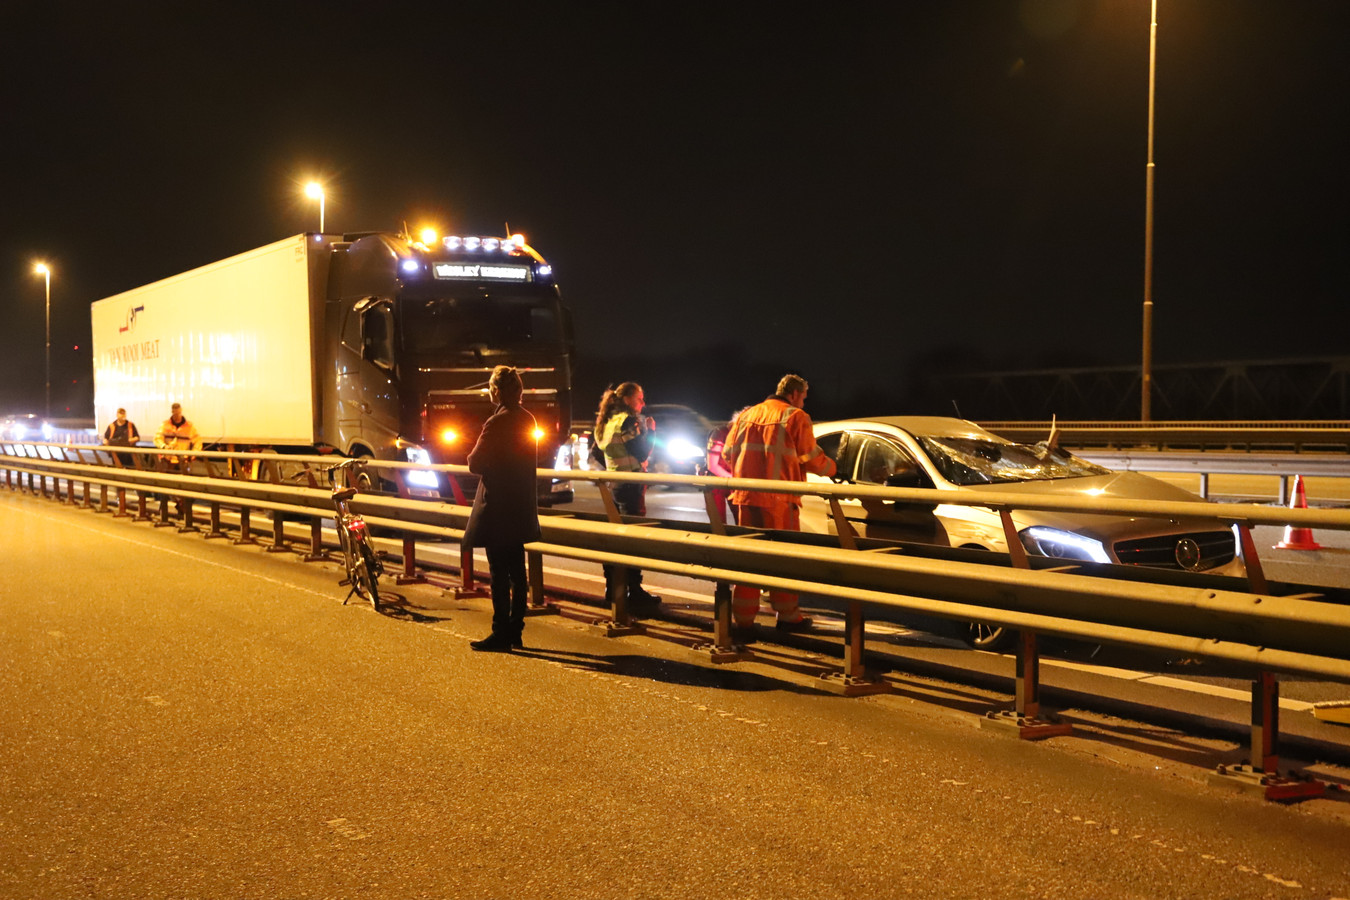 De auto liep bij het ongeval bij Waardenburg flinke schade op. Een inzittende gooide een cilinder lachgas van de Martinus Nijhoffbrug en vluchtte op een gestolen fiets.